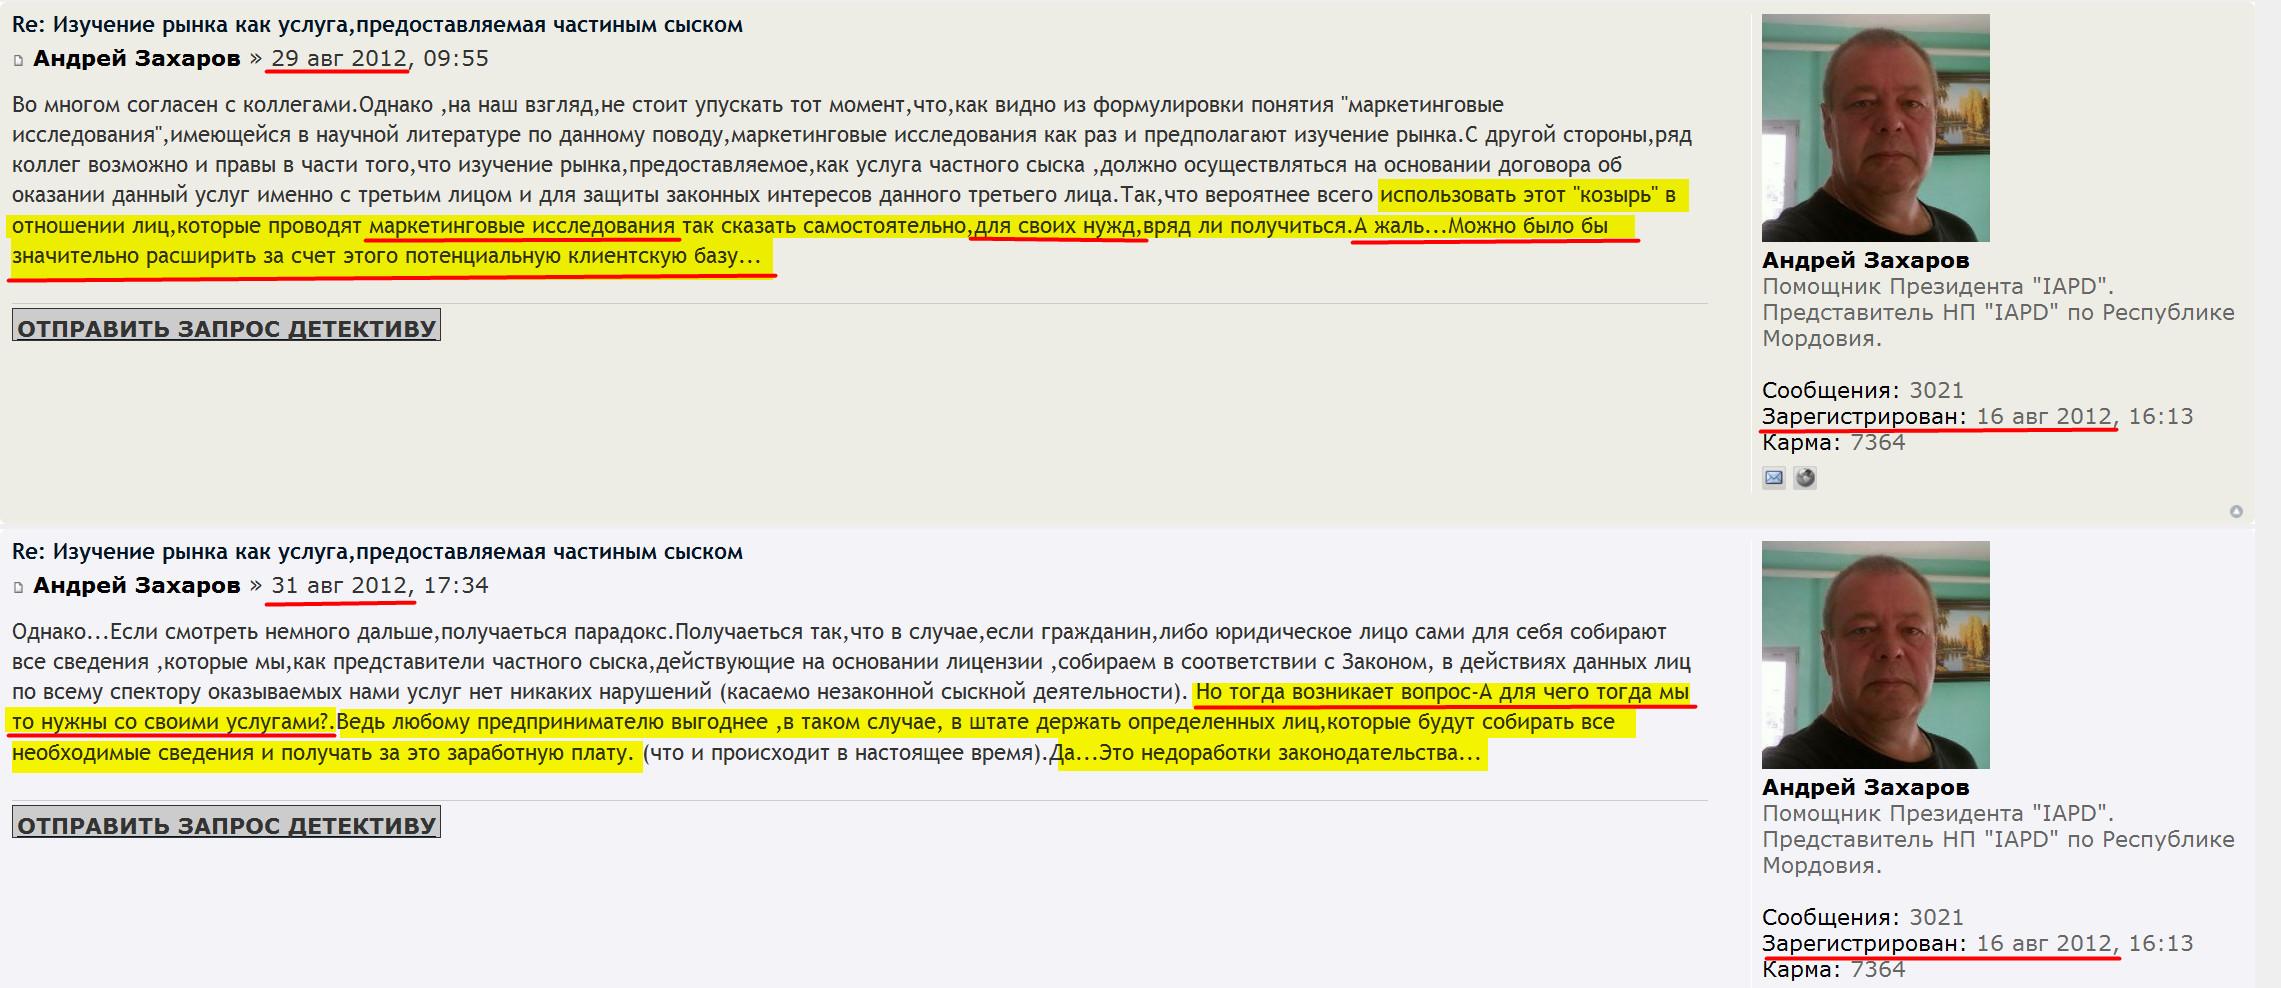 Детектив Андрей Захаров (Мордовия) и попытка передела рынка бизнес-аналитики